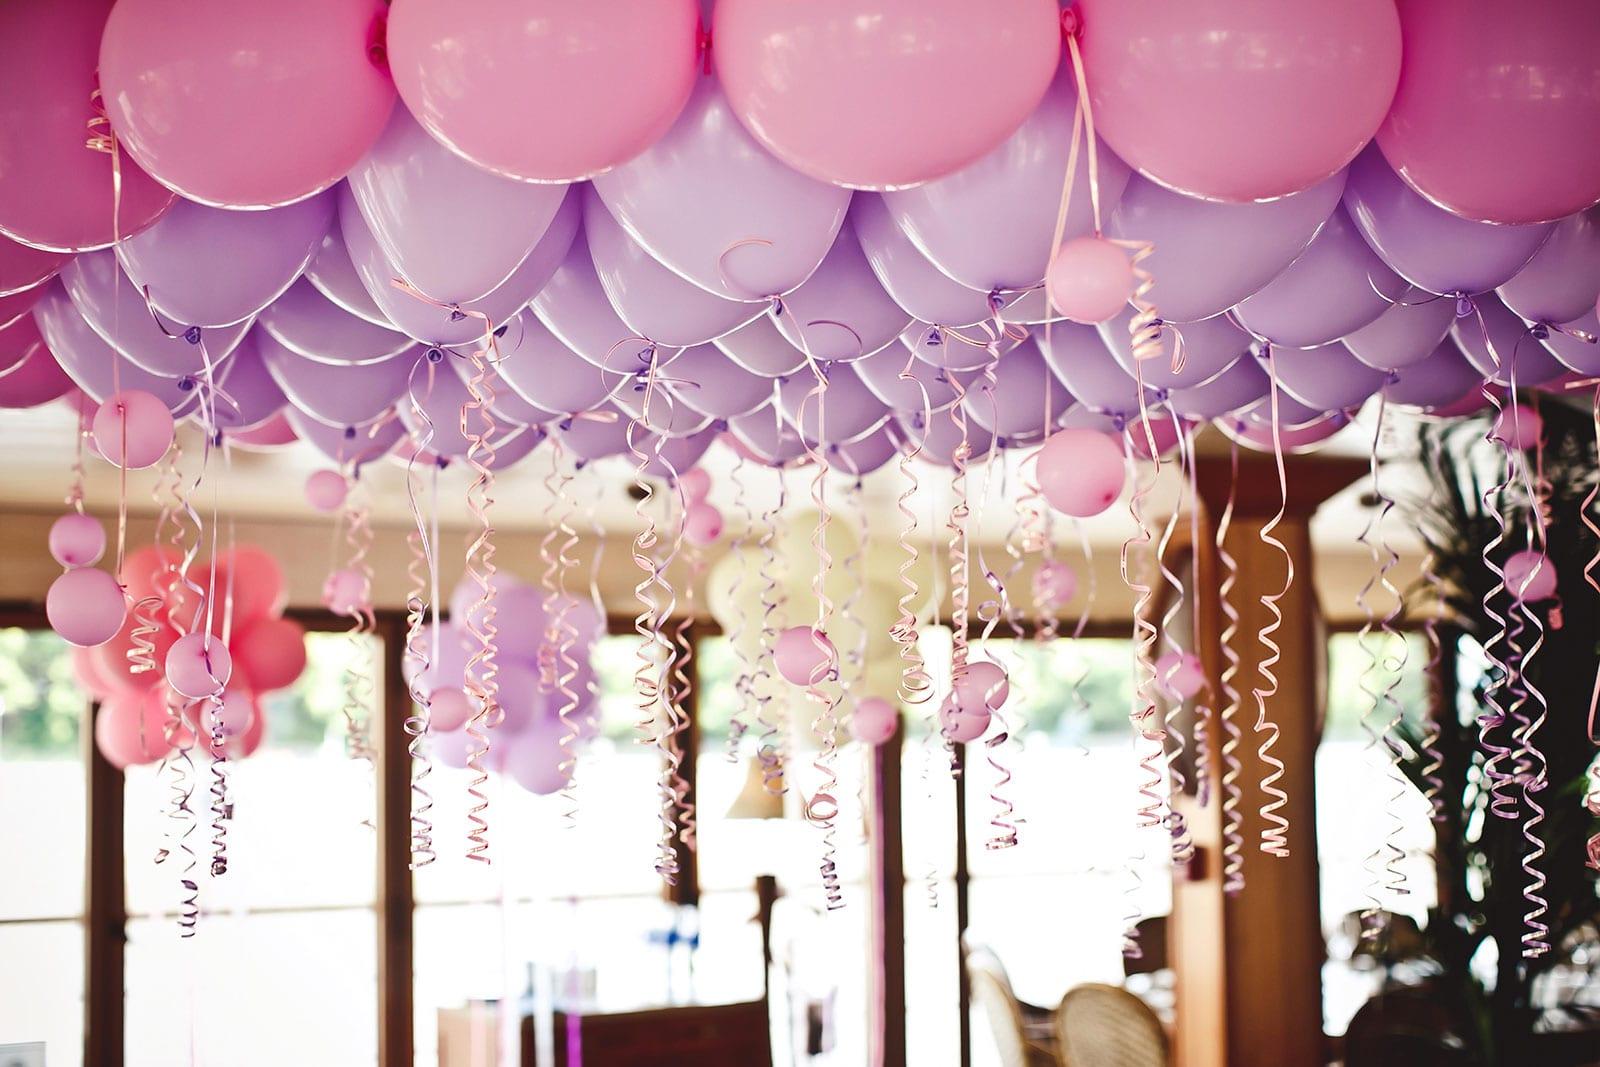 בלונים בצבעים סגול וורוד בתקרה